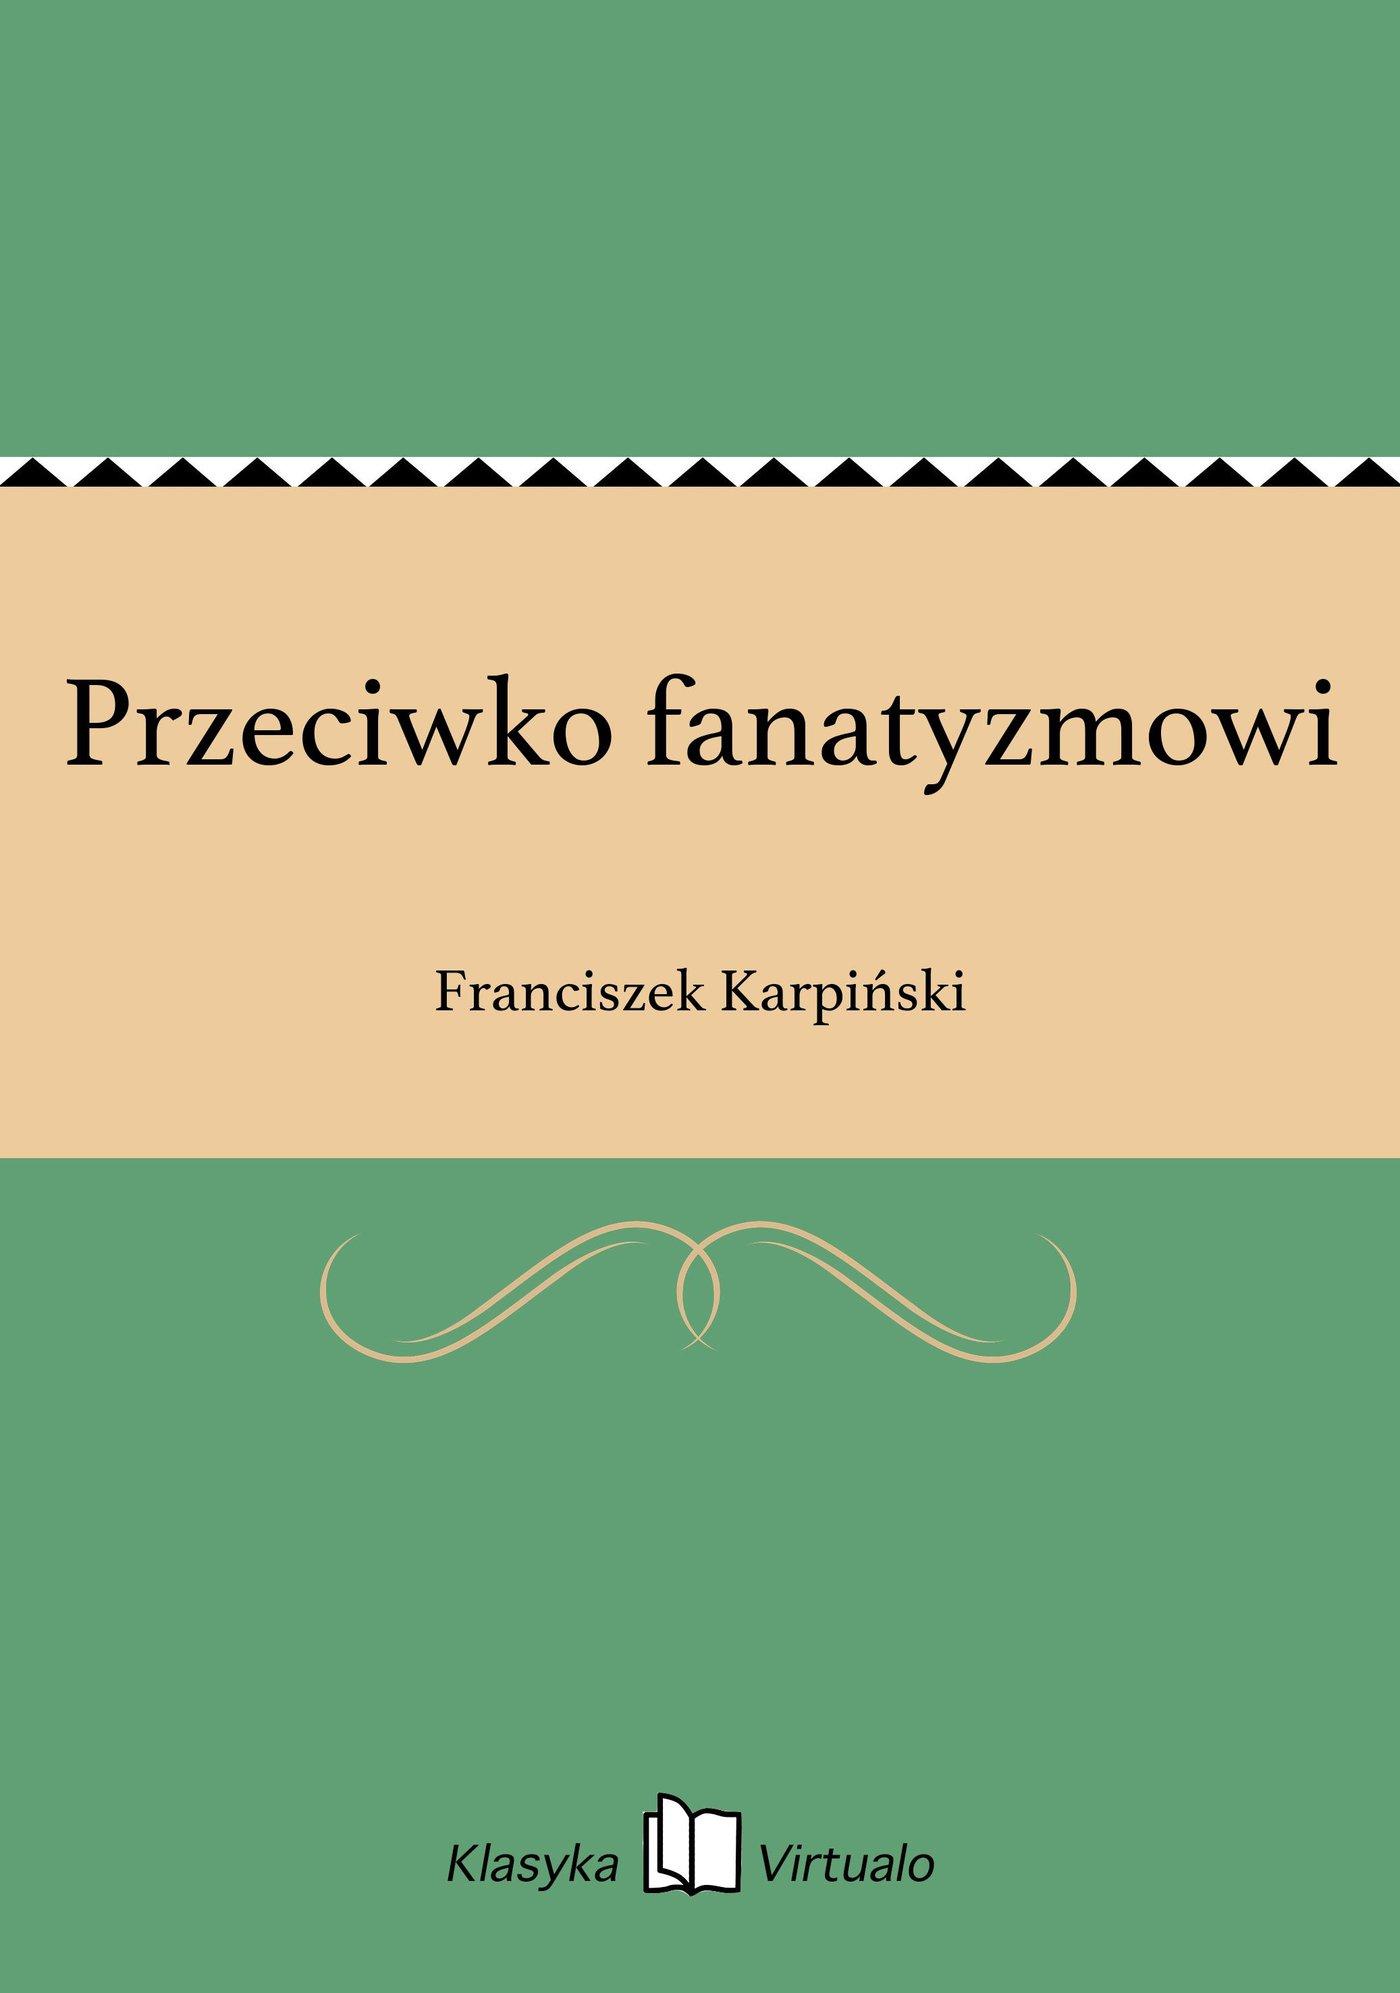 Przeciwko fanatyzmowi - Ebook (Książka EPUB) do pobrania w formacie EPUB